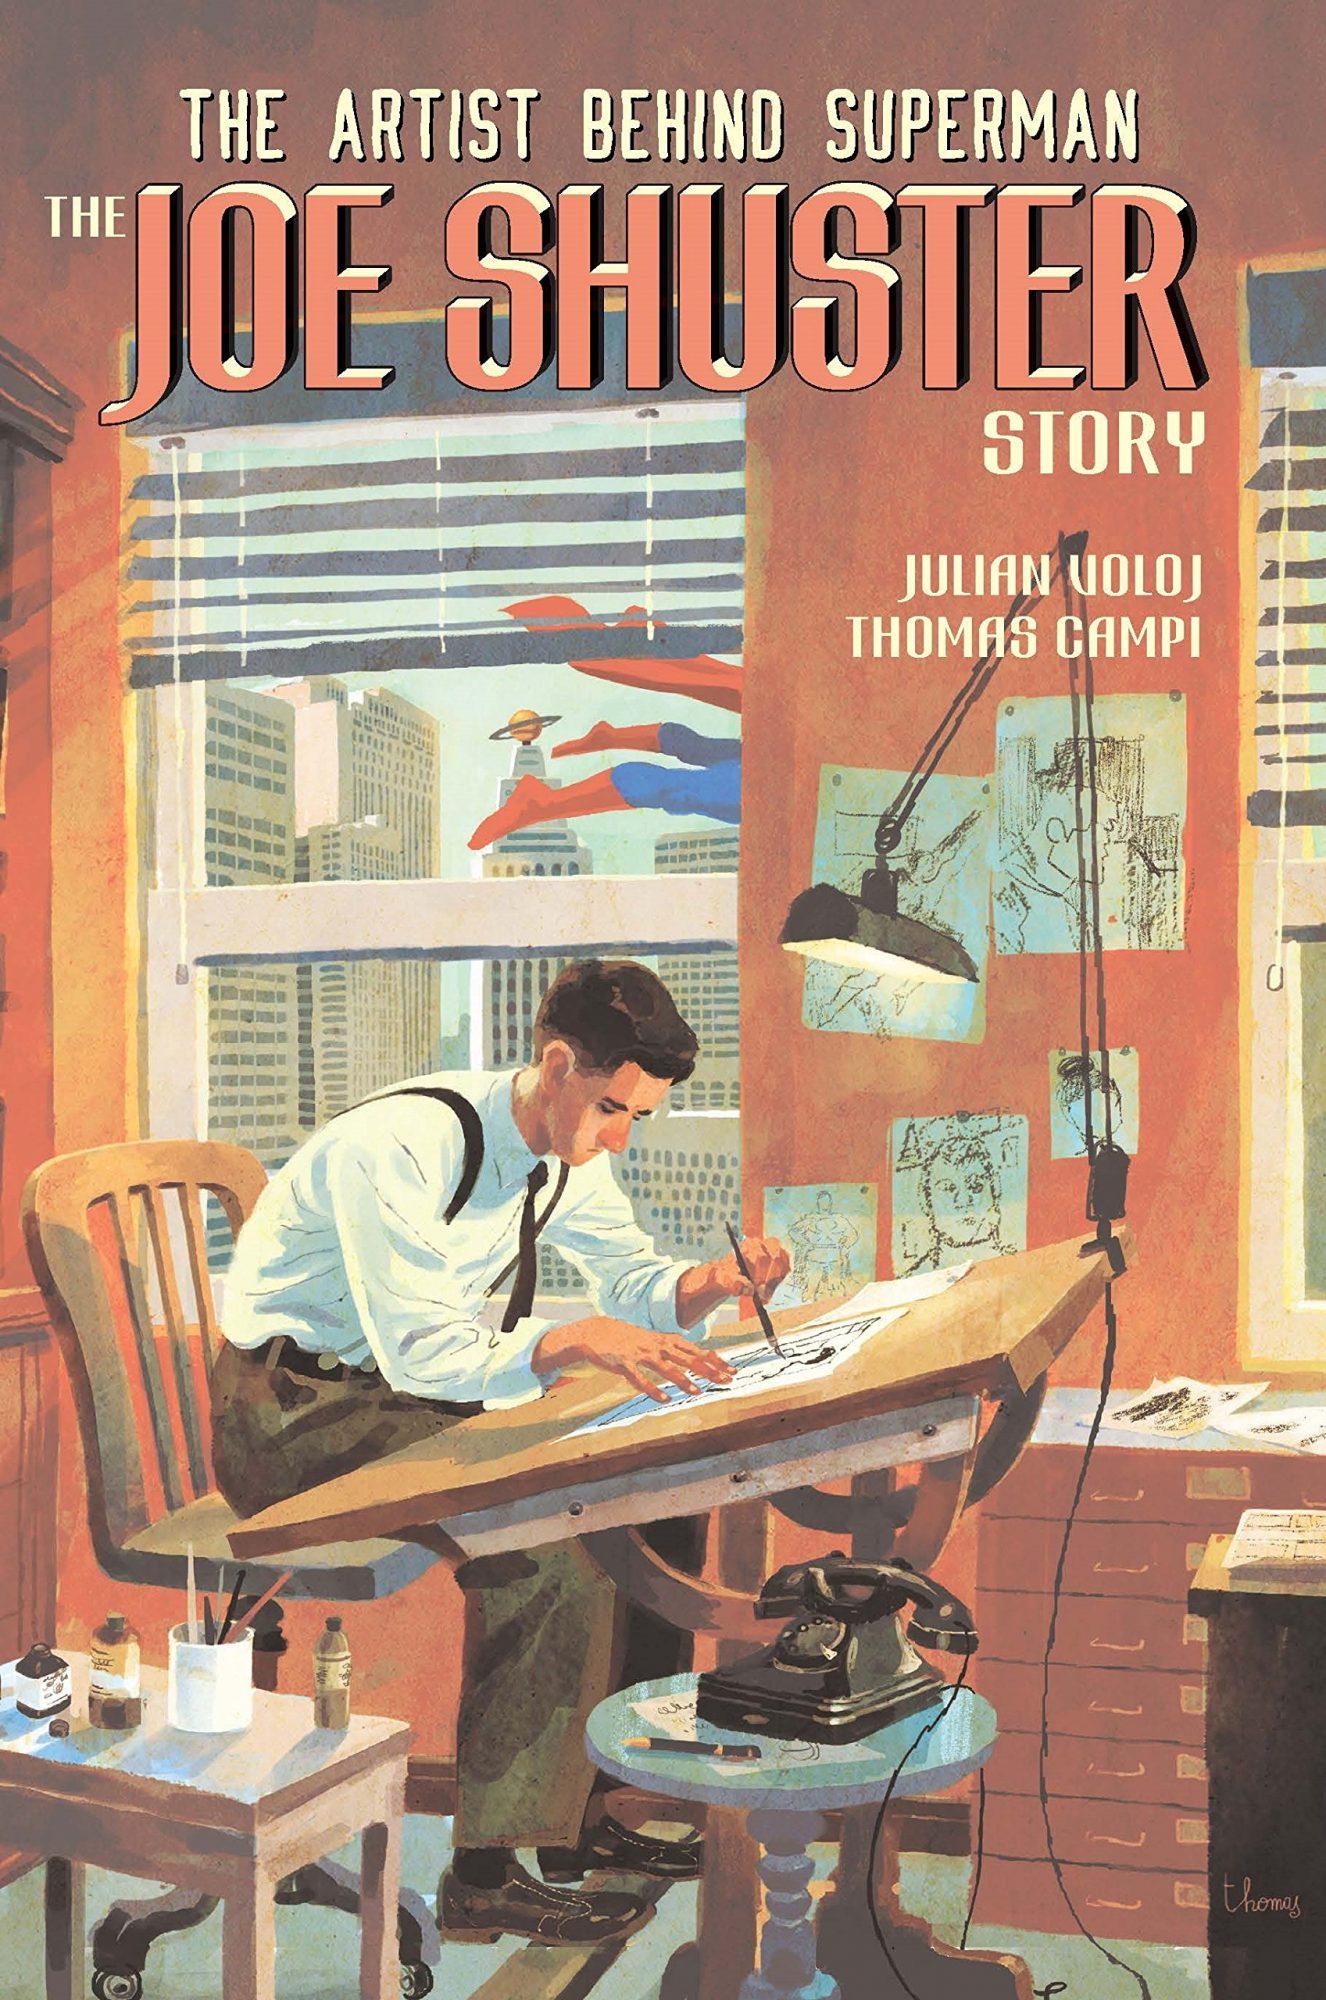 Joe-Shuster-Story